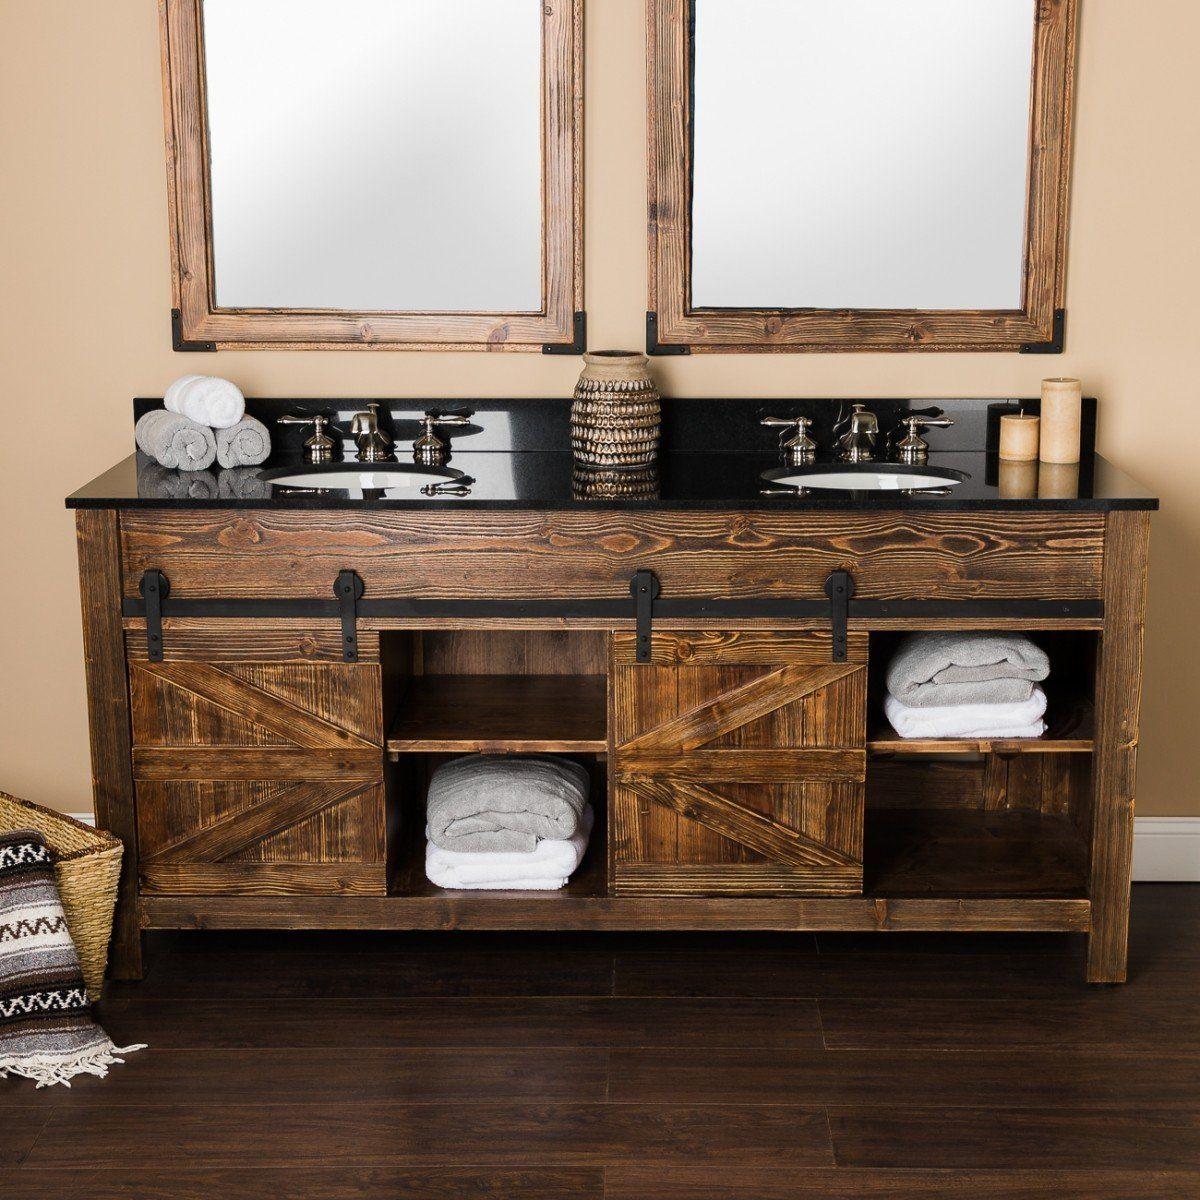 72 Inch Cottage Barn Door Vanity Rustic Master Bathroom Diy Bathroom Vanity Bathroom Redesign [ 1200 x 1200 Pixel ]